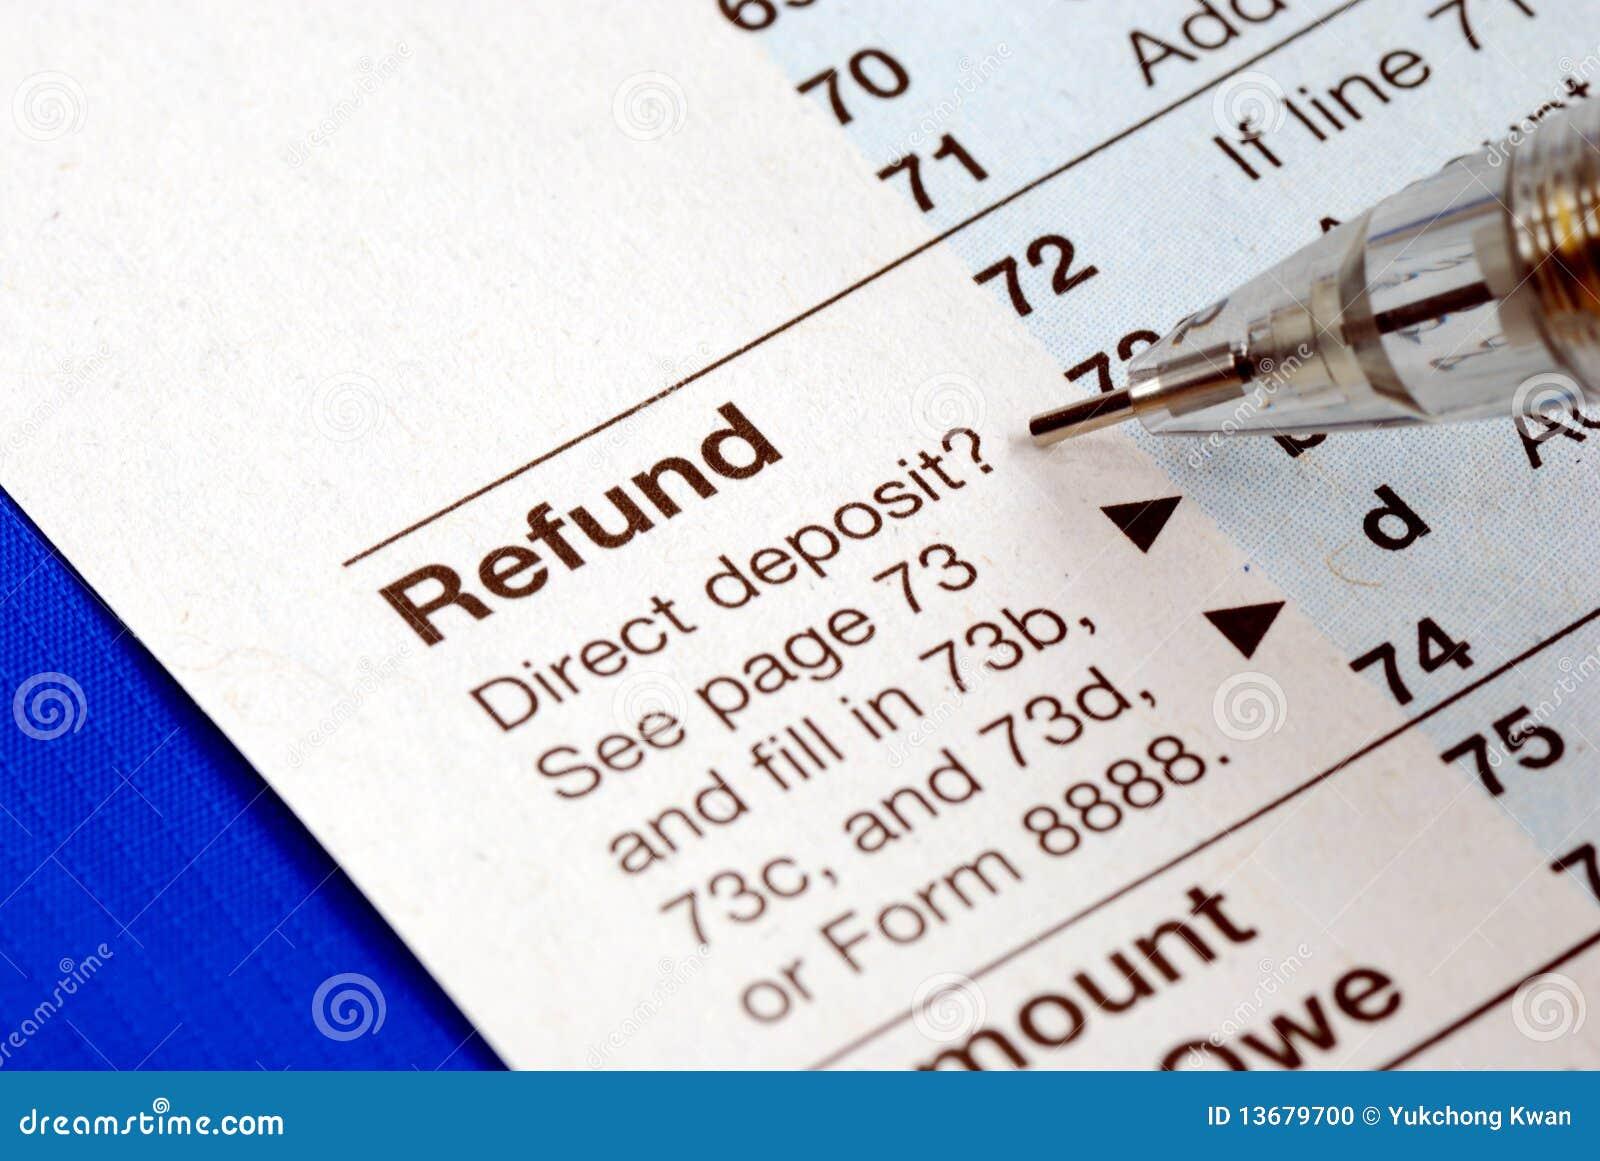 Conseguir reembolso de la declaración sobre la renta